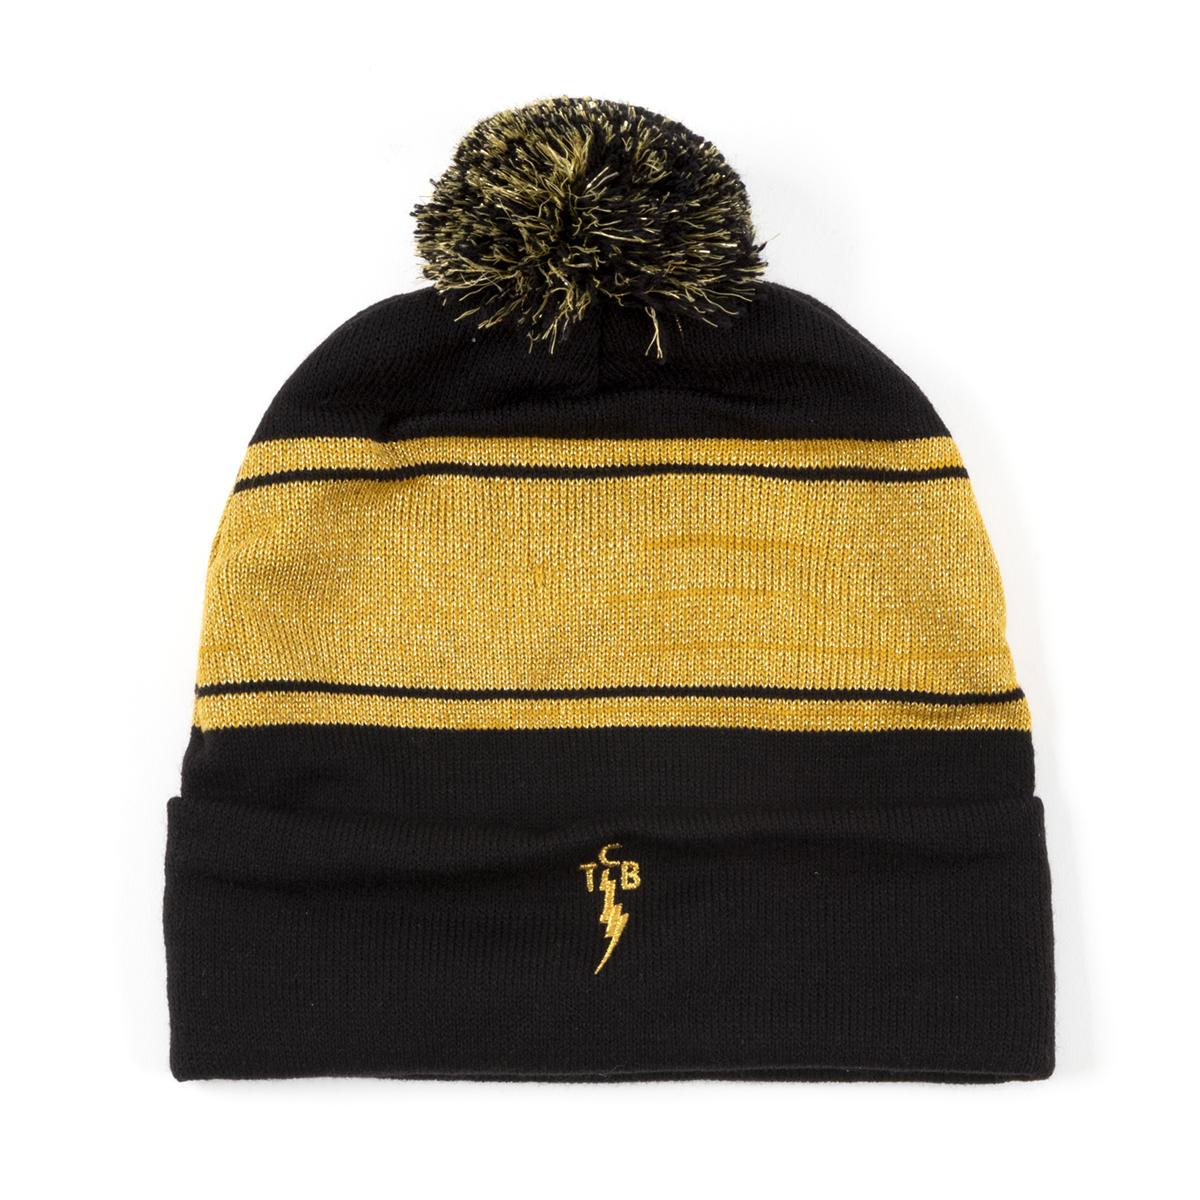 TCB Gold Knit Pom Beanie